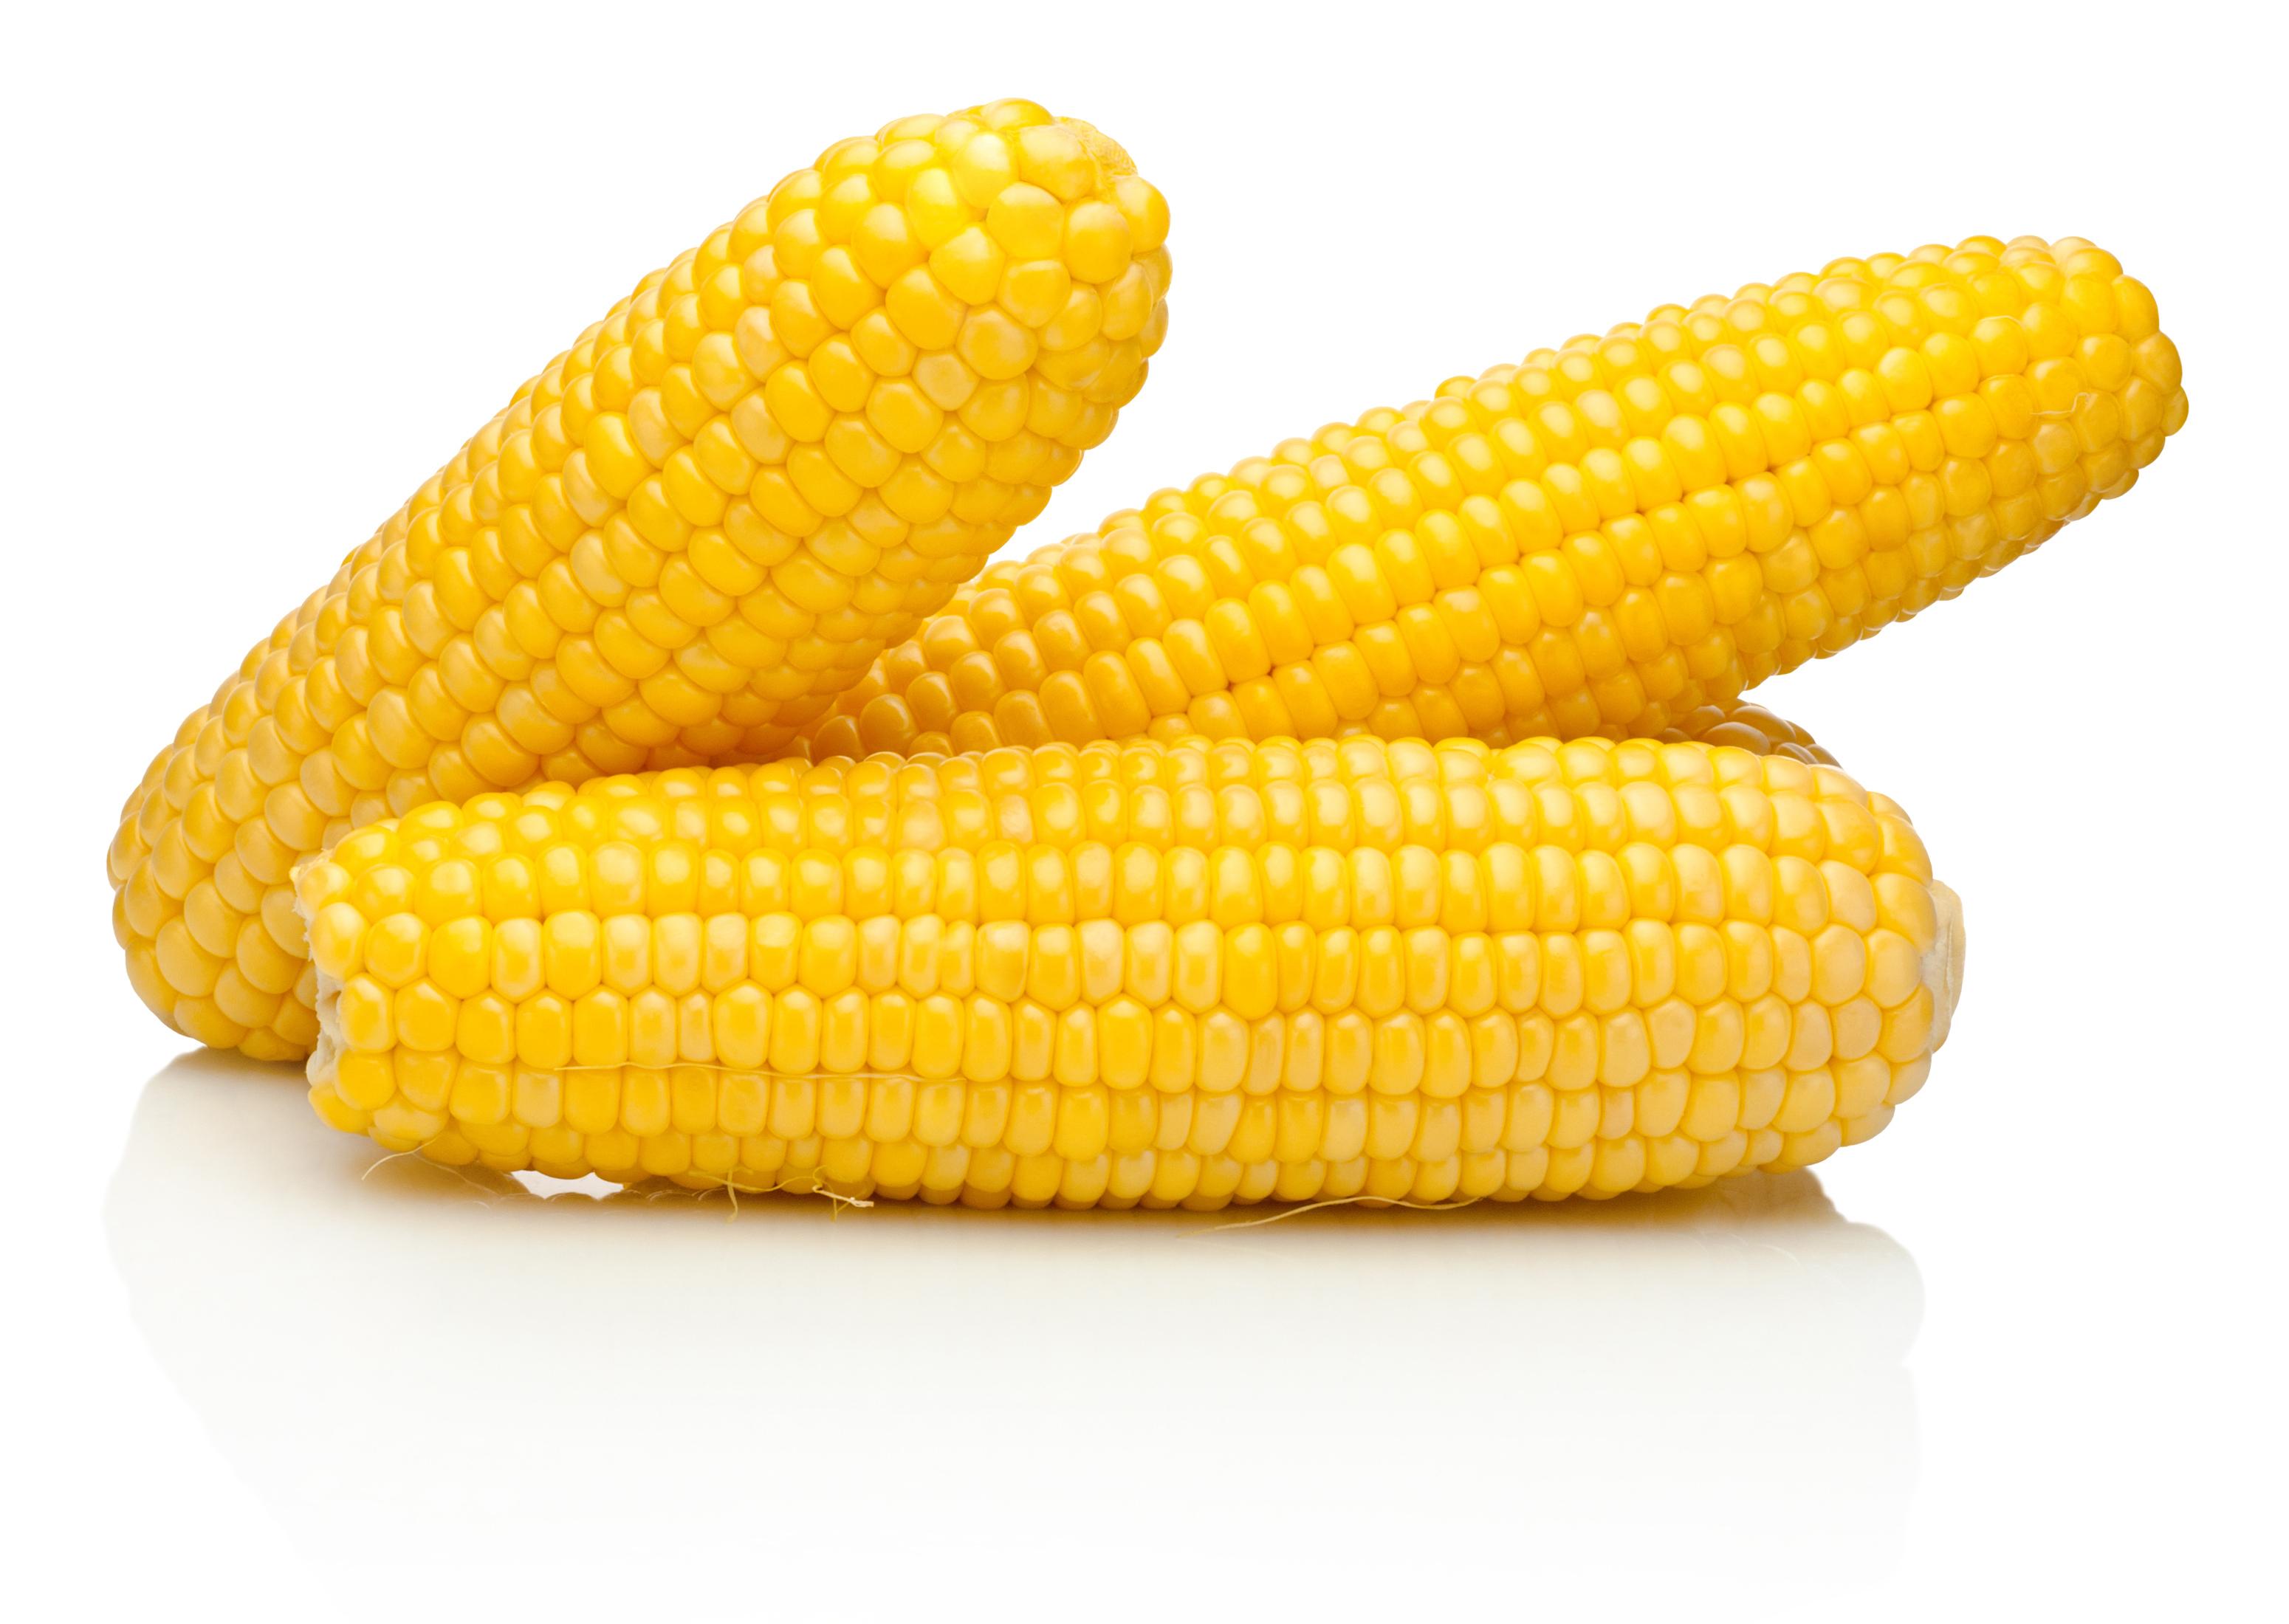 Kukorica étrend fogynia - A búza német fogy vagy fogynia